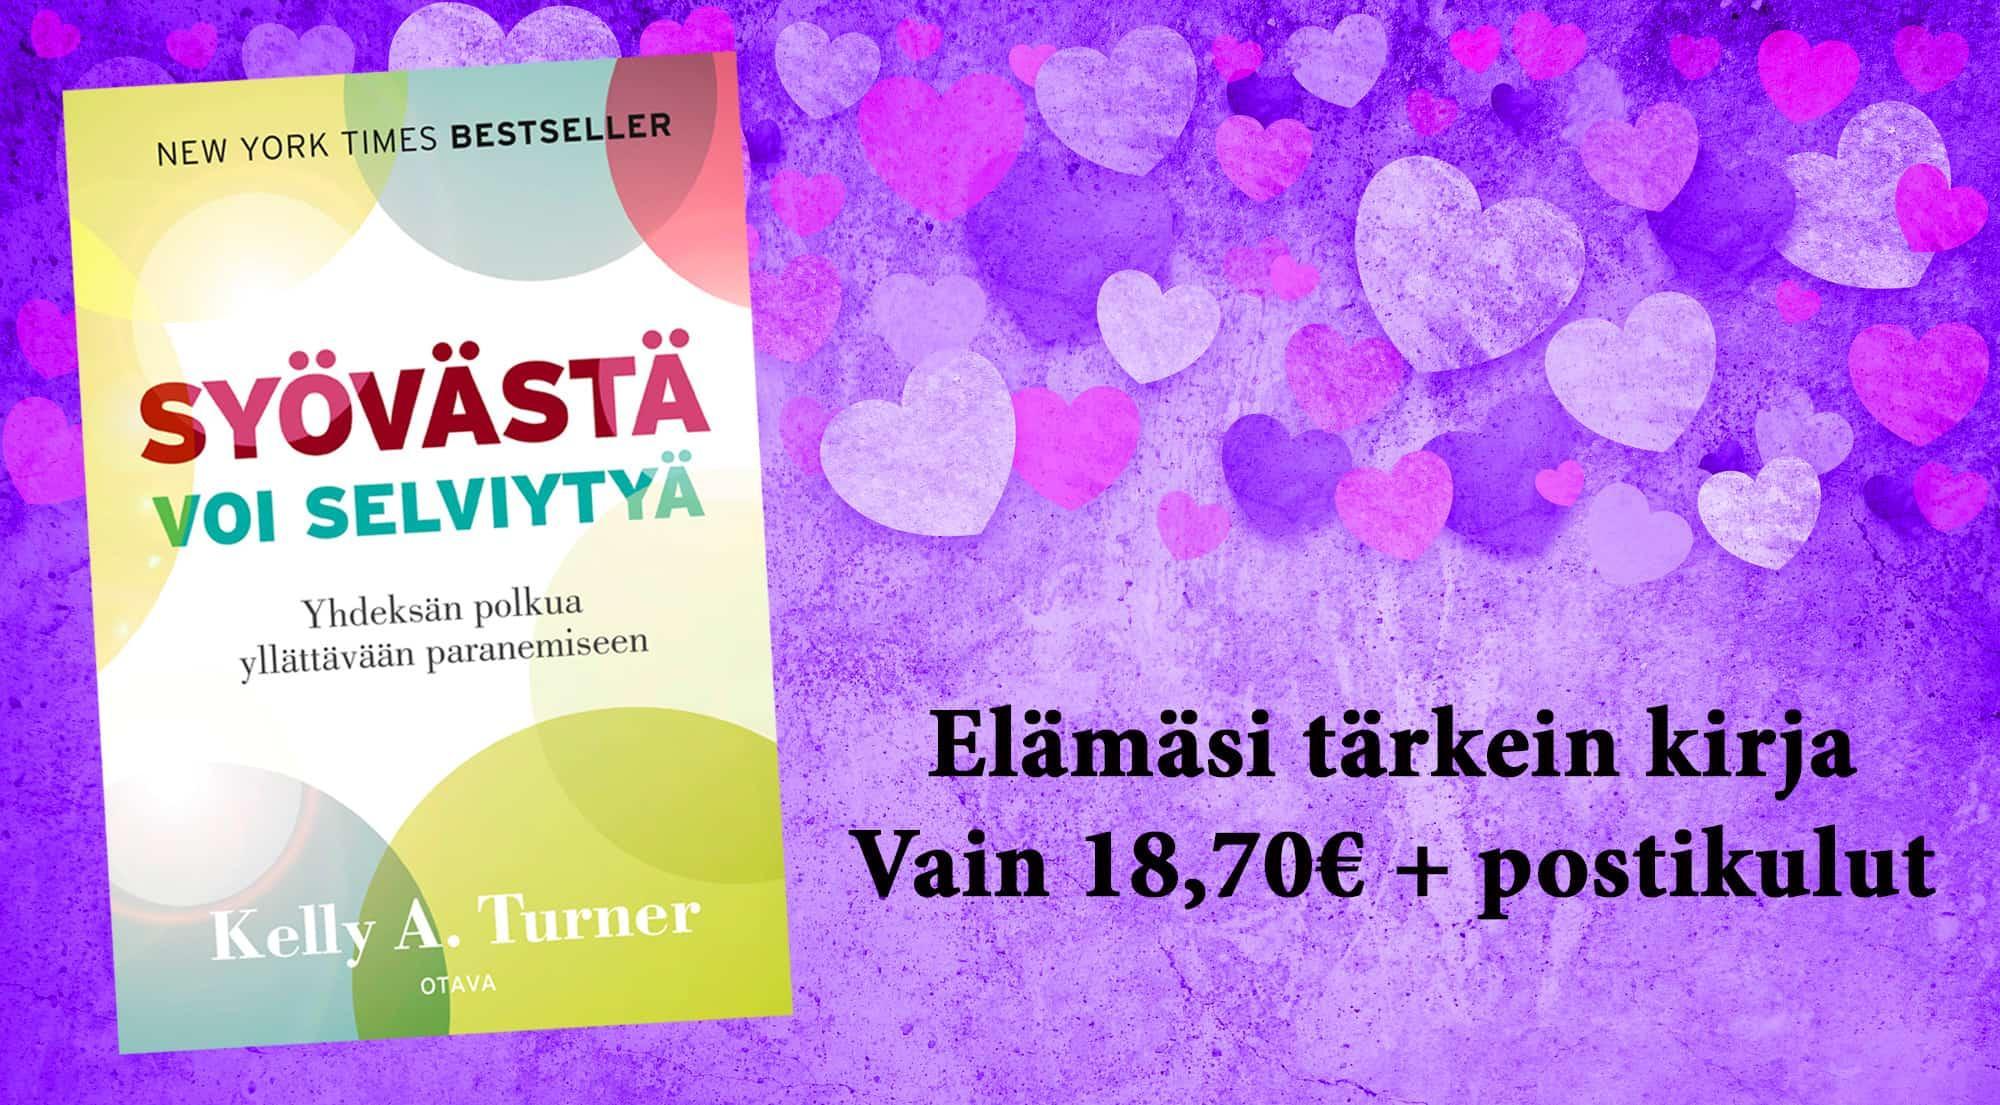 turnerfb1